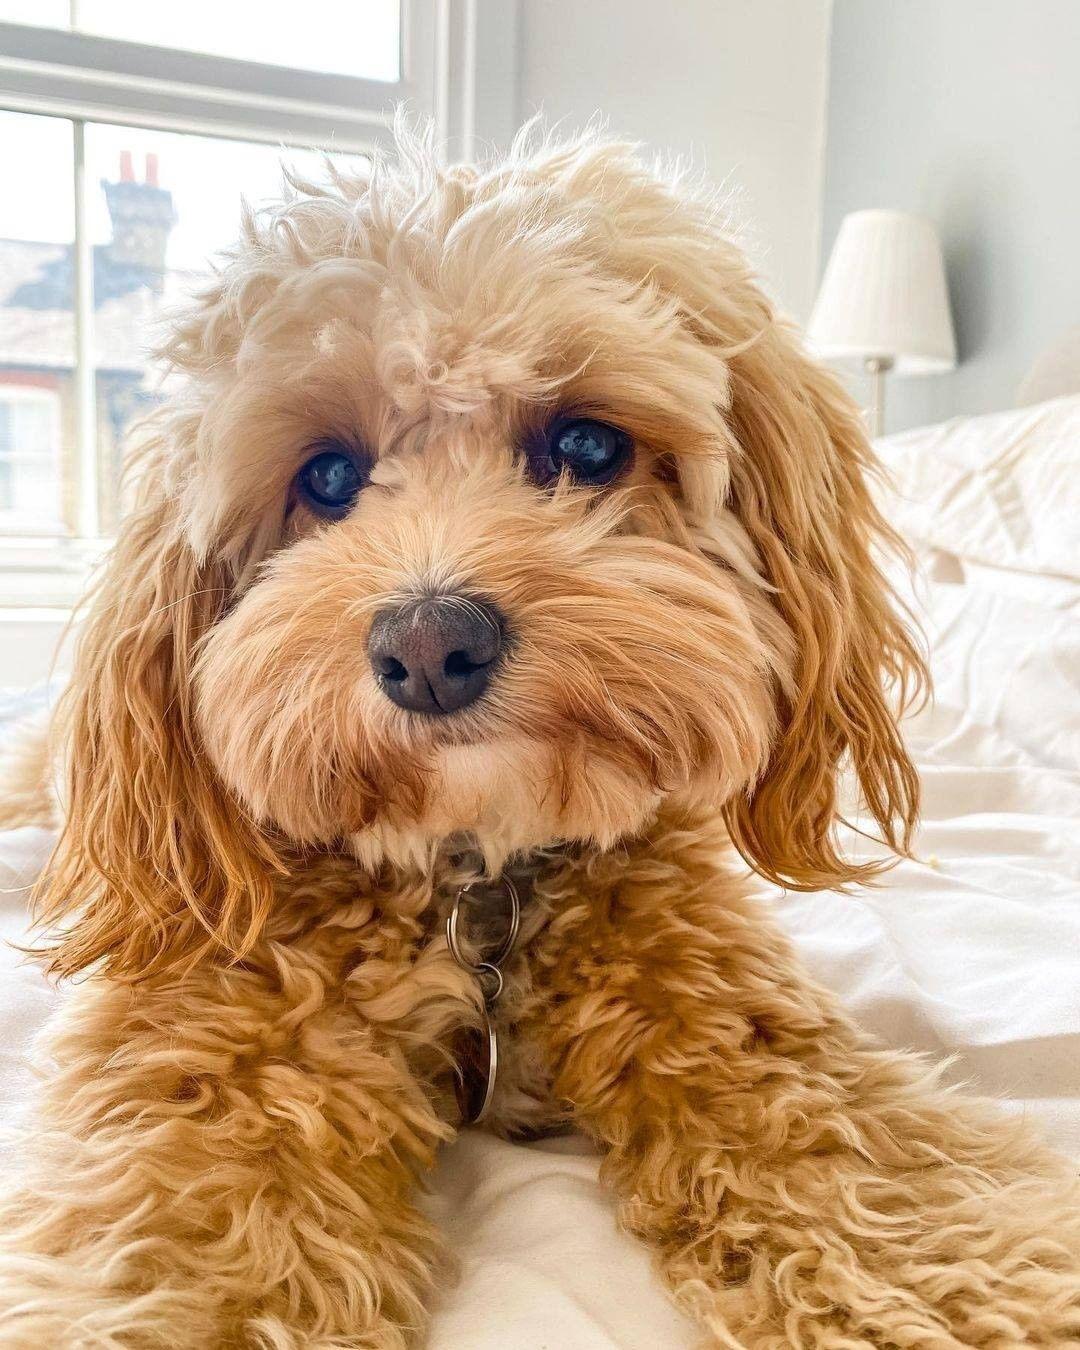 Dinh dưỡng cho Poodle 3-6 tháng tuổi ăn gì?